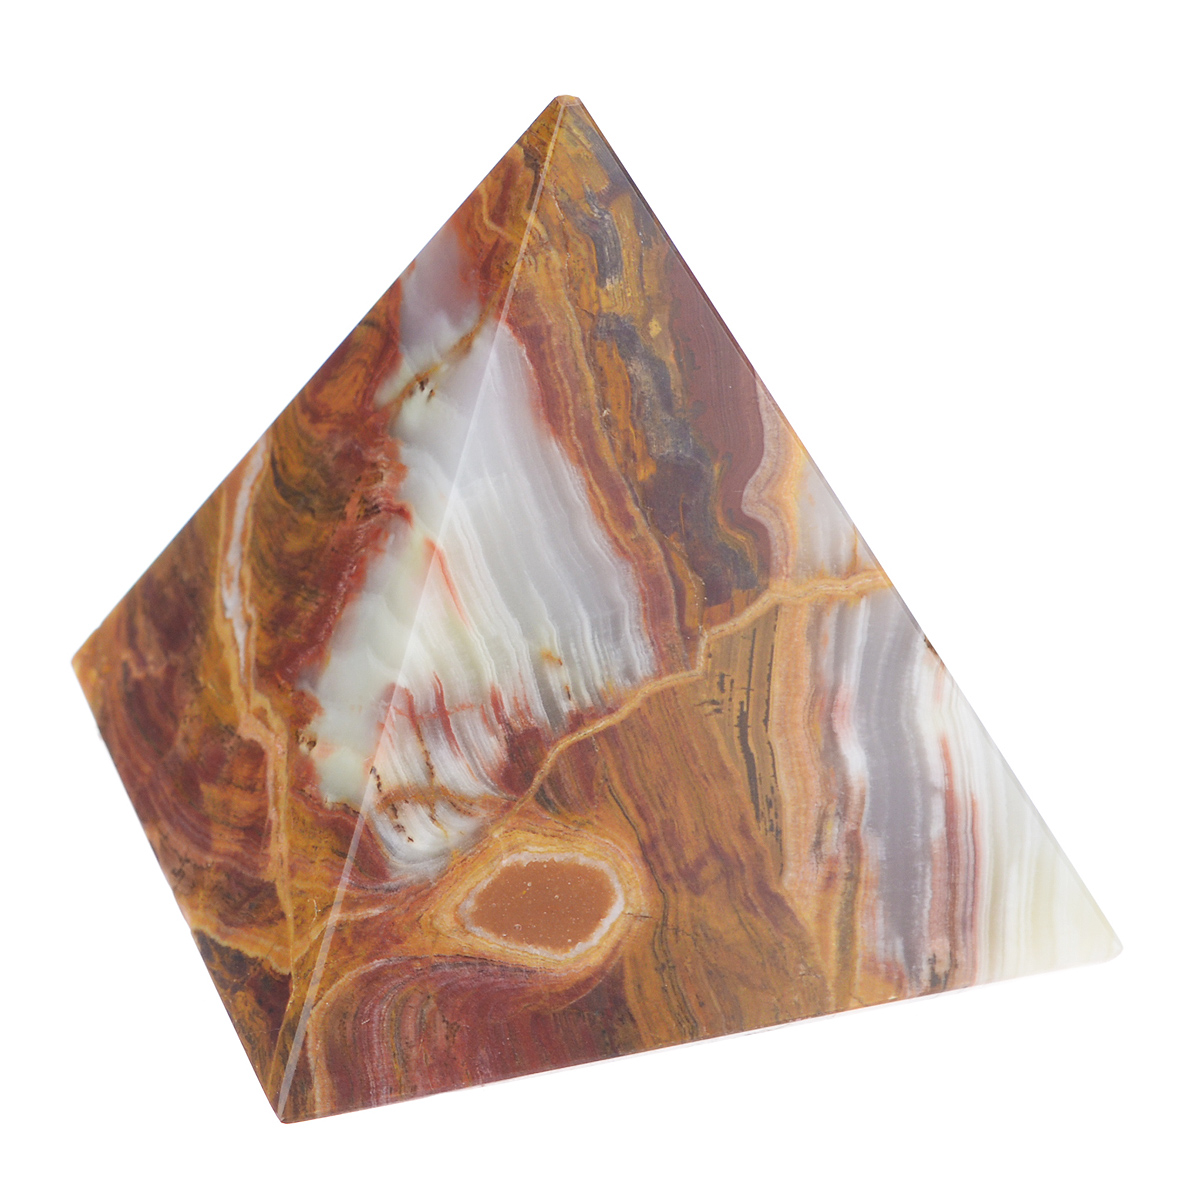 Сувенир Sima-land Пирамида, 7,5 см х 7,5 см х 8 см888761Сувенир Sima-land Пирамида выполнен из натурального оникса. Этот камень помогает снимать стрессы, облегчает боль, способствует эмоциональному равновесию и самоконтролю. Его применяют при расстройстве нервной системы, депрессиях, бессоннице, при лечении болезней сердца. Оникс хорошо снимает боли и уменьшает воспаления. Сувенир Sima-land Пирамида станет отличным подарком на любой праздник и дополнит интерьер вашей комнаты. УВАЖАЕМЫЕ КЛИЕНТЫ!Обращаем ваше внимание на тот факт, что цветовой оттенок товара может отличатся от представленного на изображении, поскольку фигурка выполнена из натурального камня. Учитывайте это при оформлении заказа.